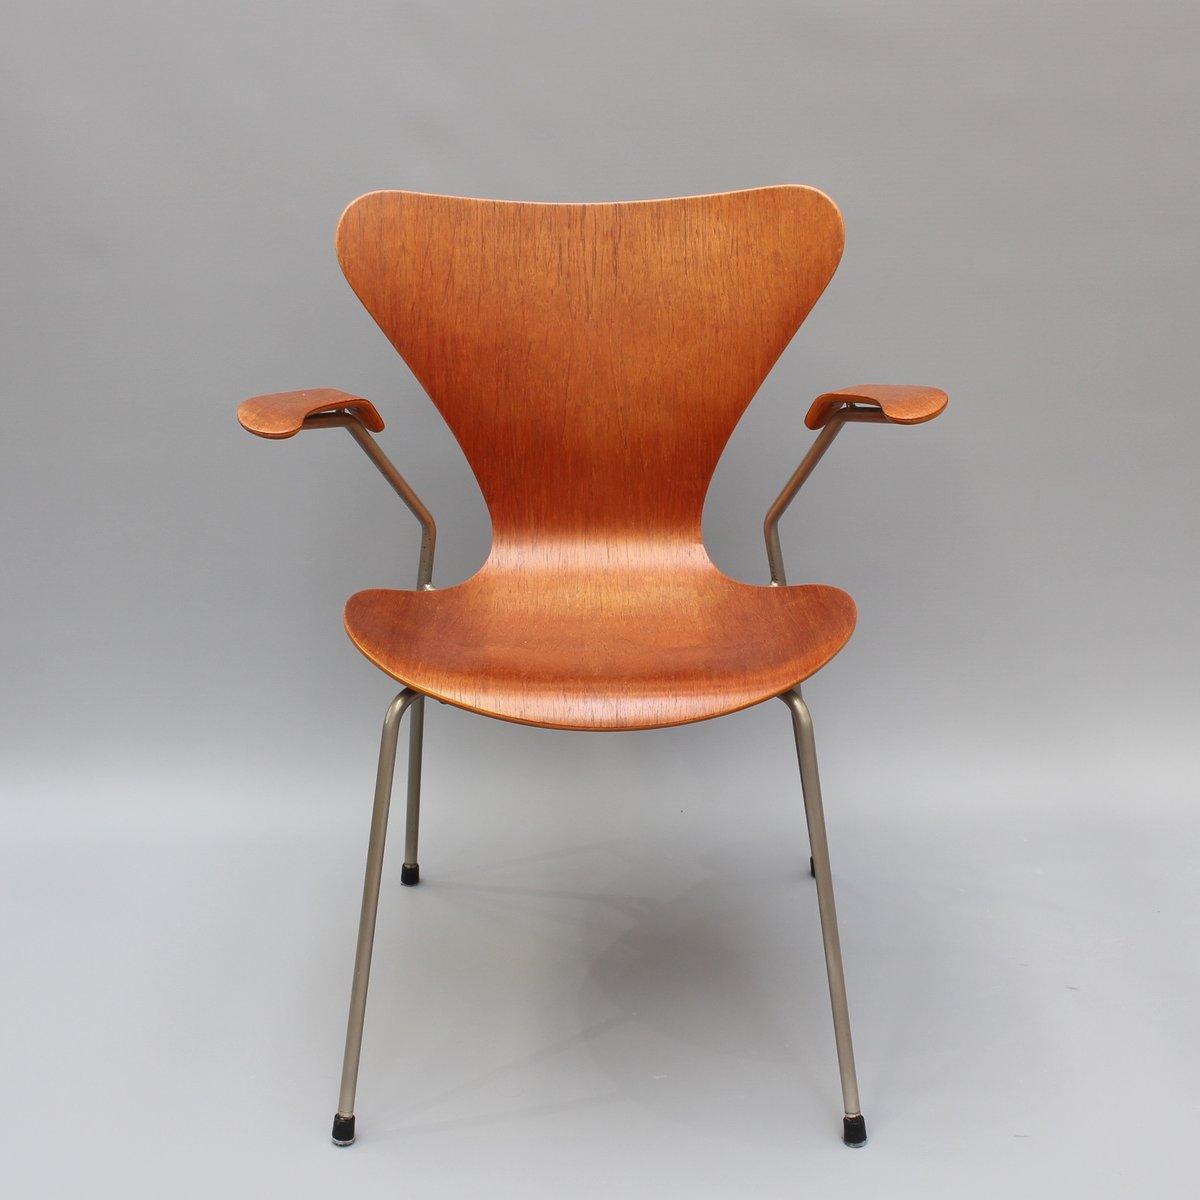 series 7 stuhl aus palisander von arne jacobsen f r fritz hansen 1960er bei pamono kaufen. Black Bedroom Furniture Sets. Home Design Ideas